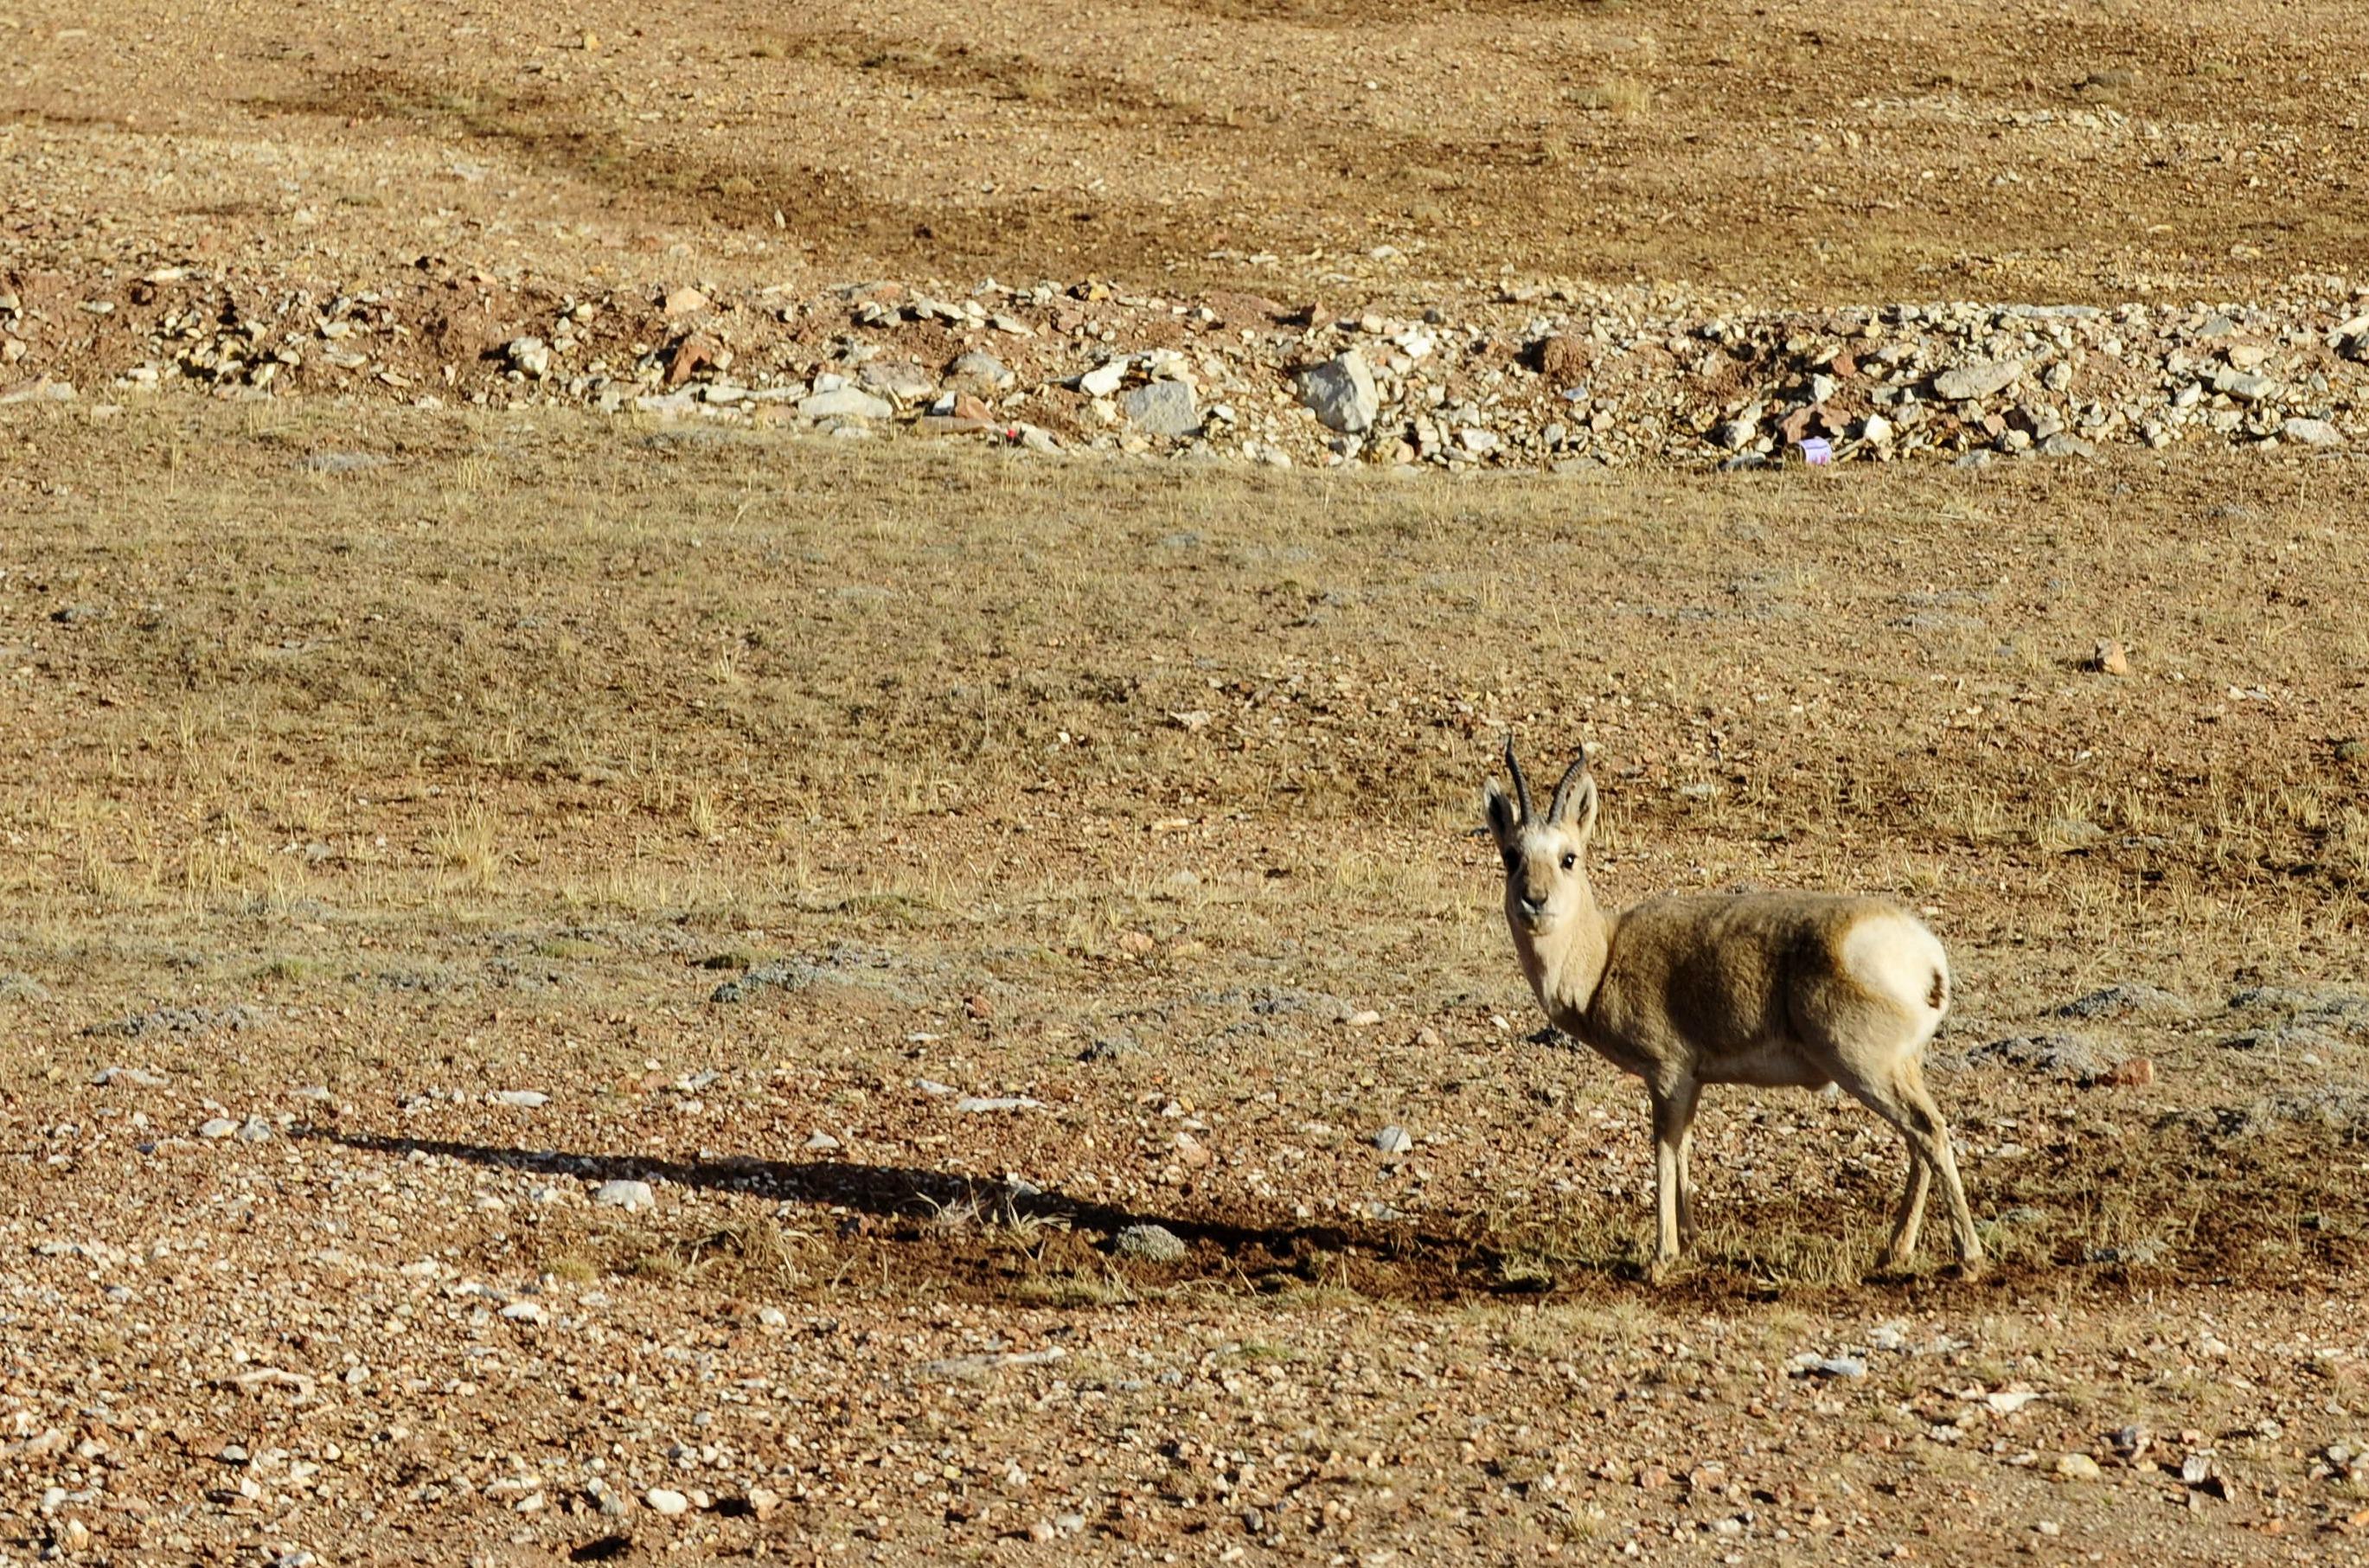 野生动物的保护神—西藏野保员扎西平措